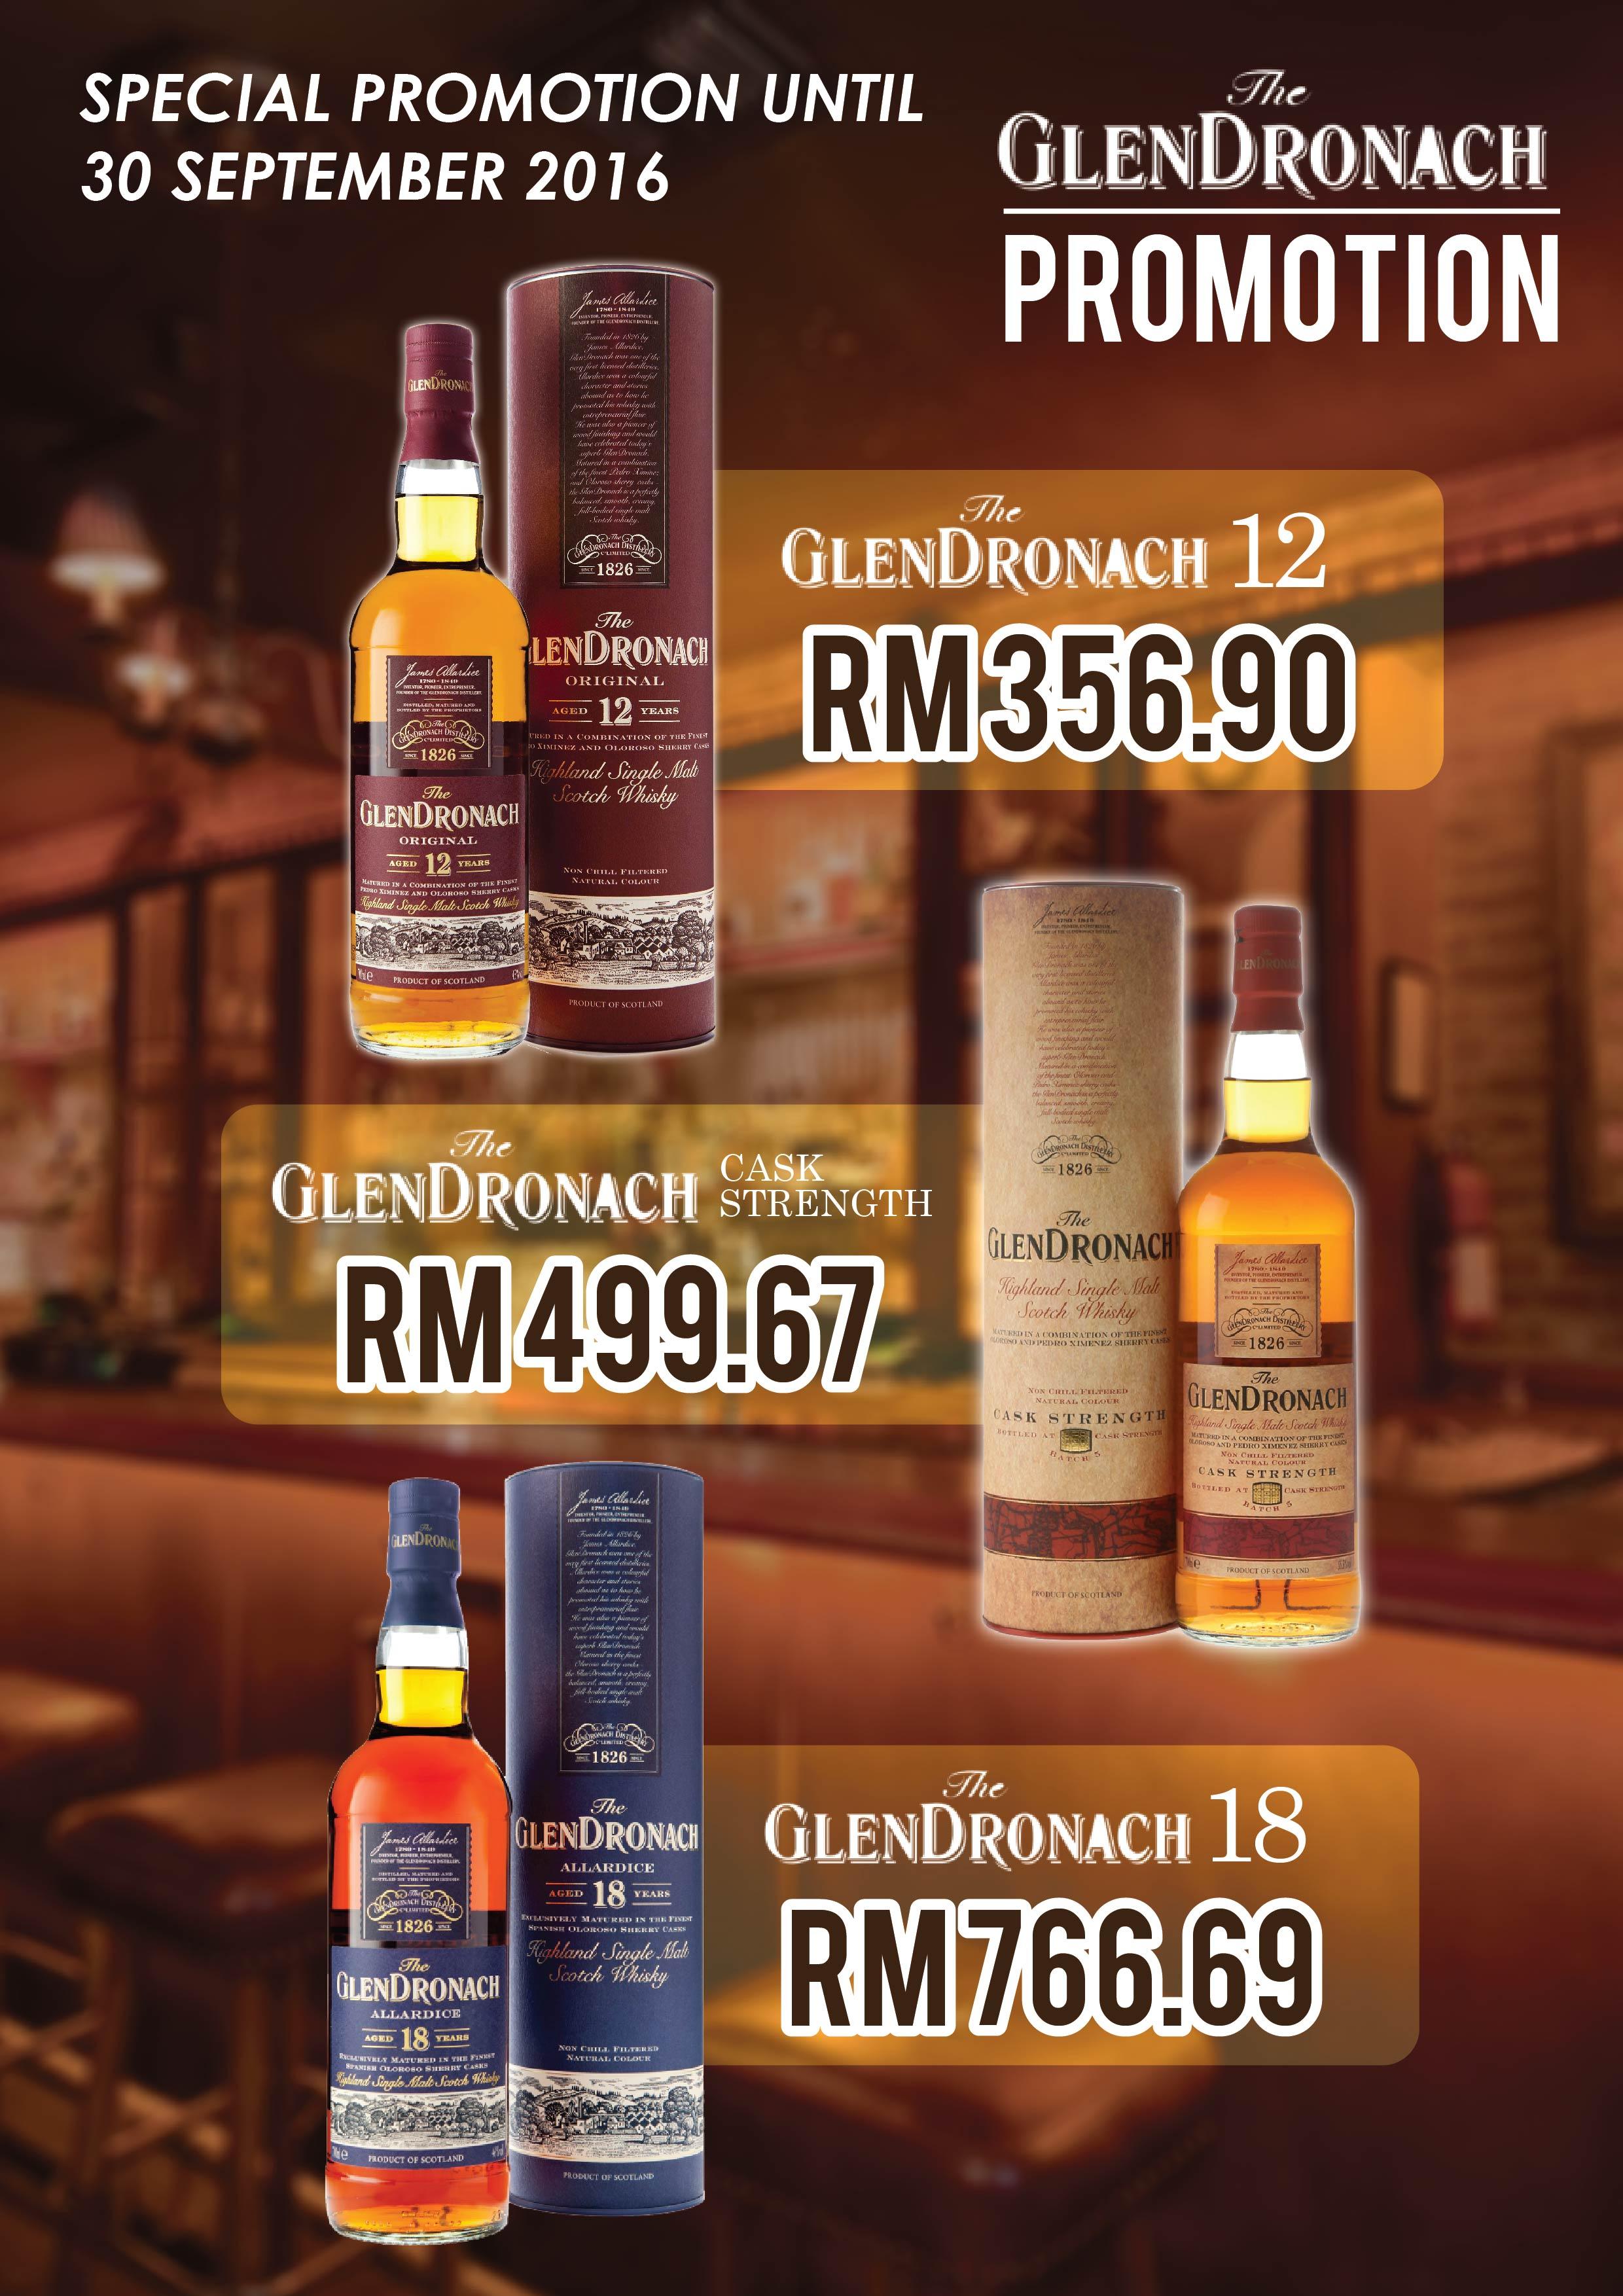 1_Glendronach Promotion-01